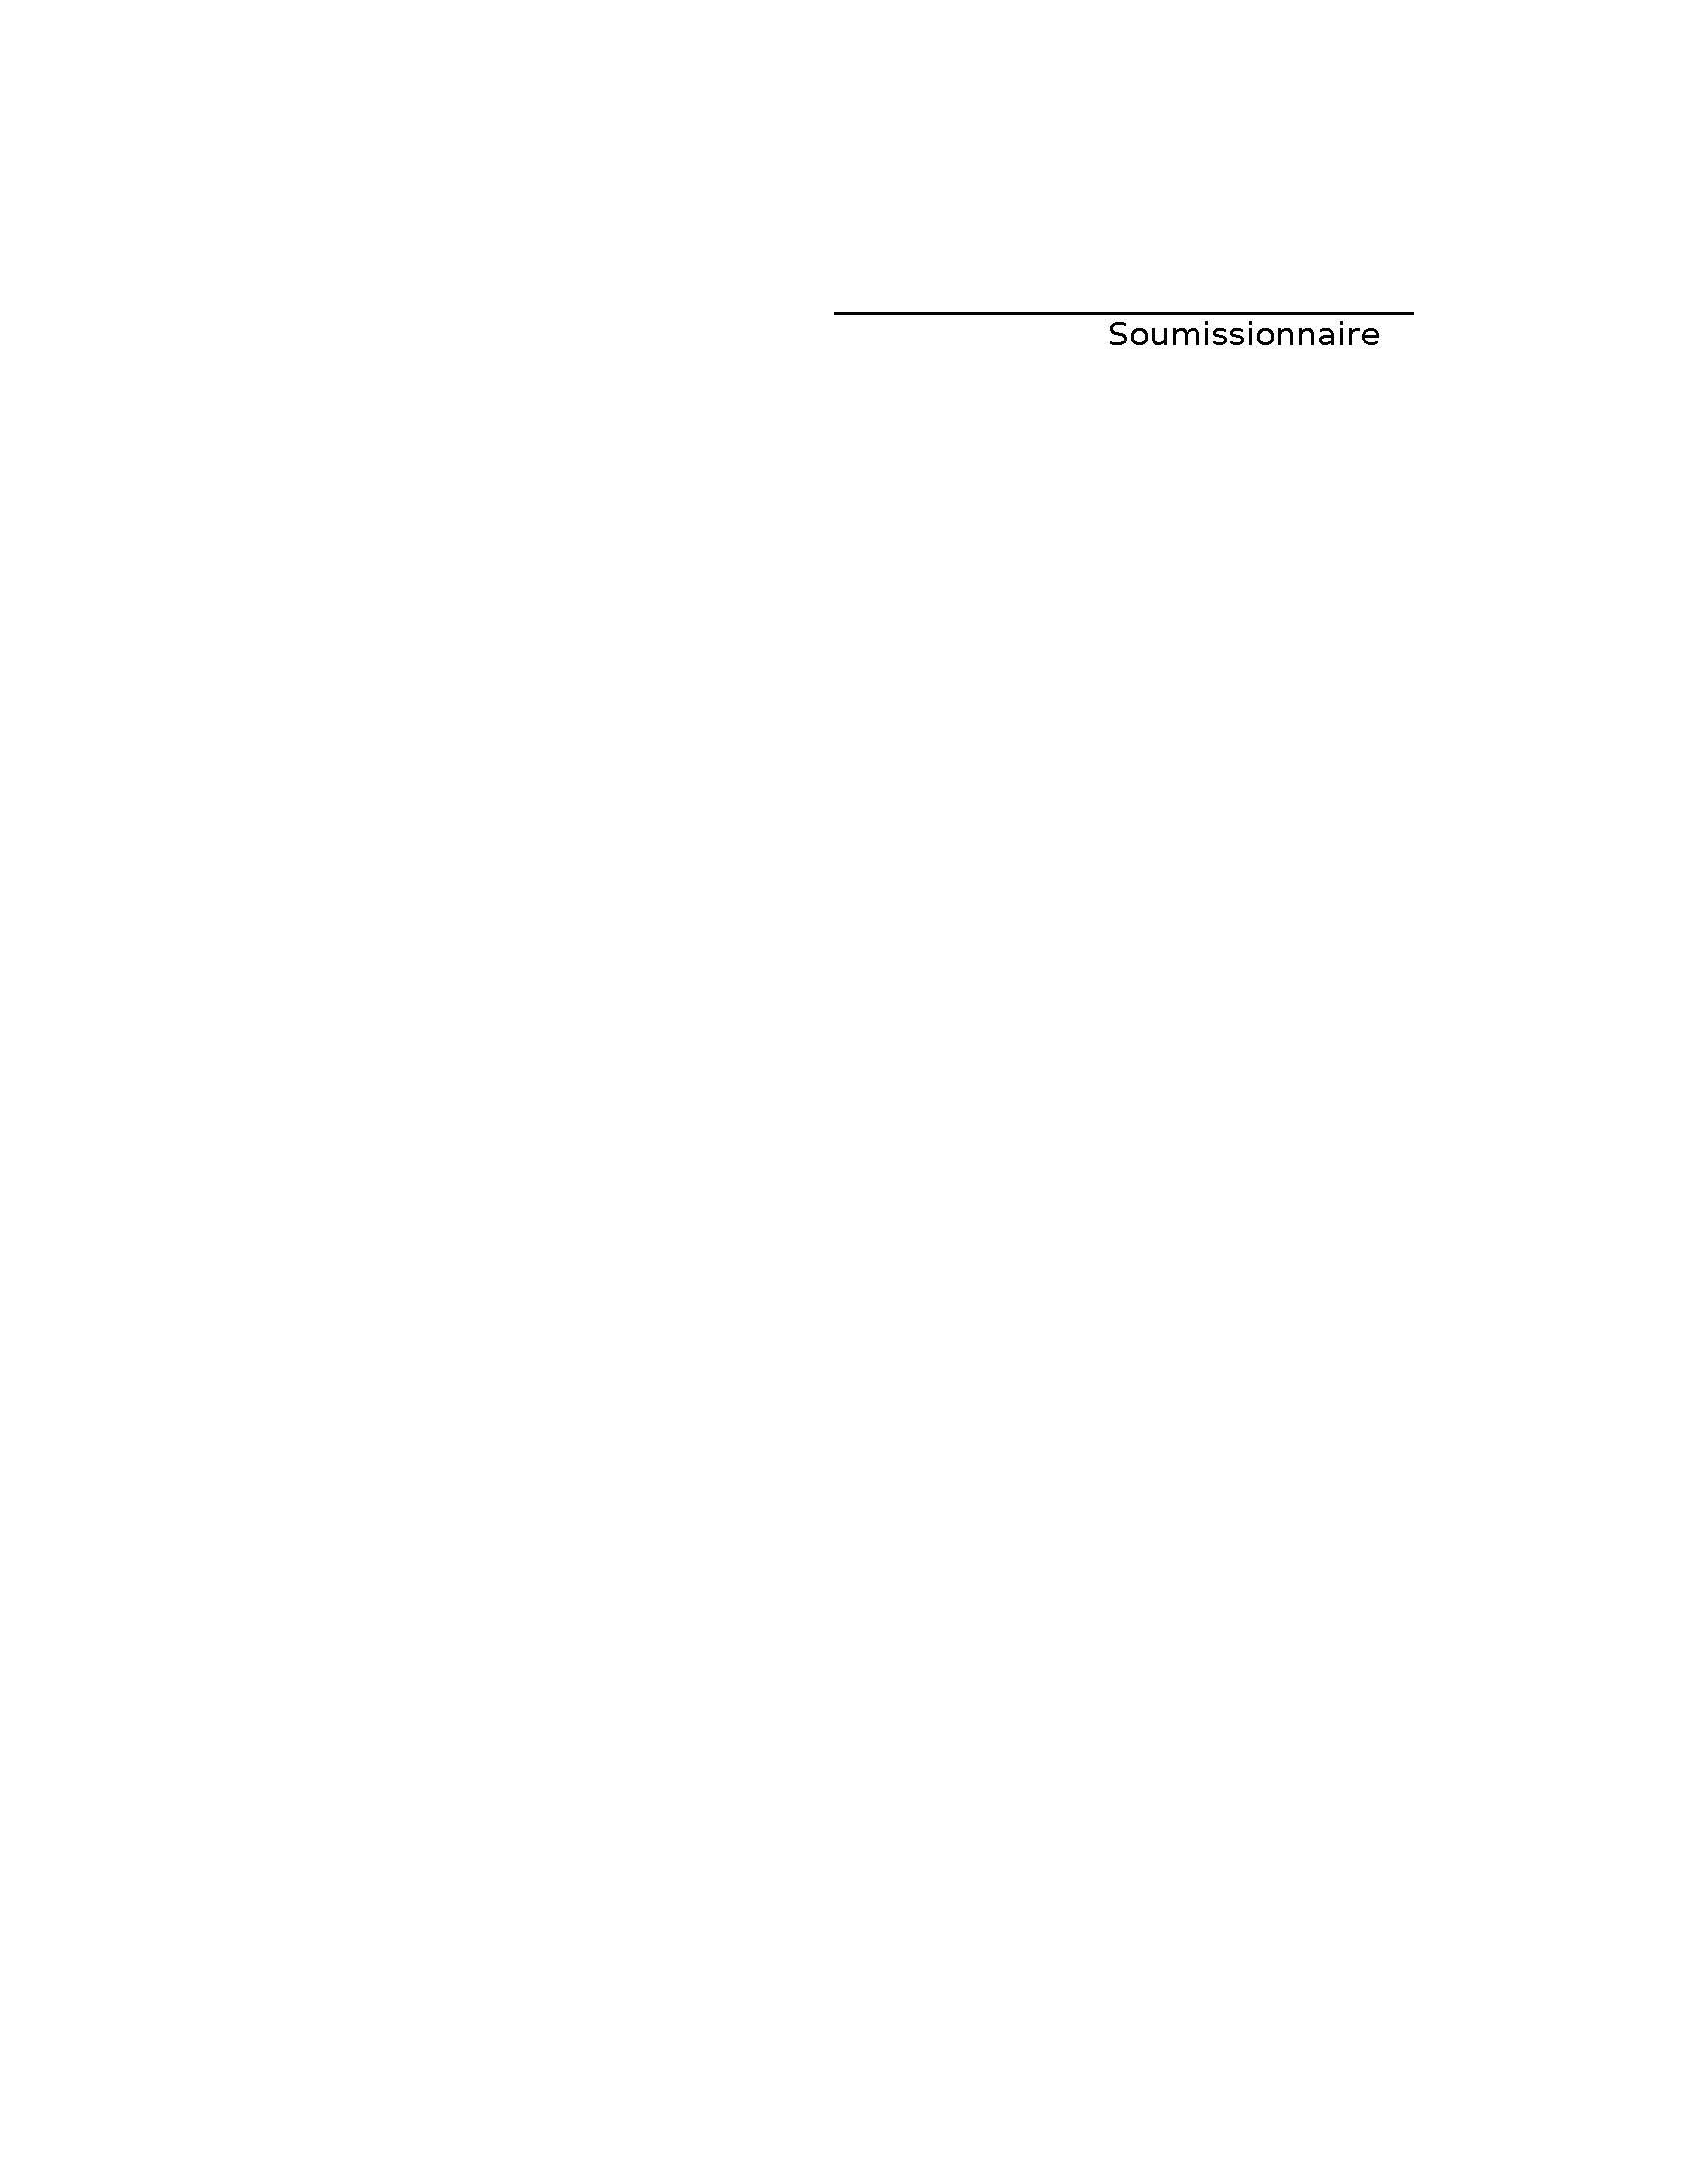 Politique de gestion contractuelle Page 9